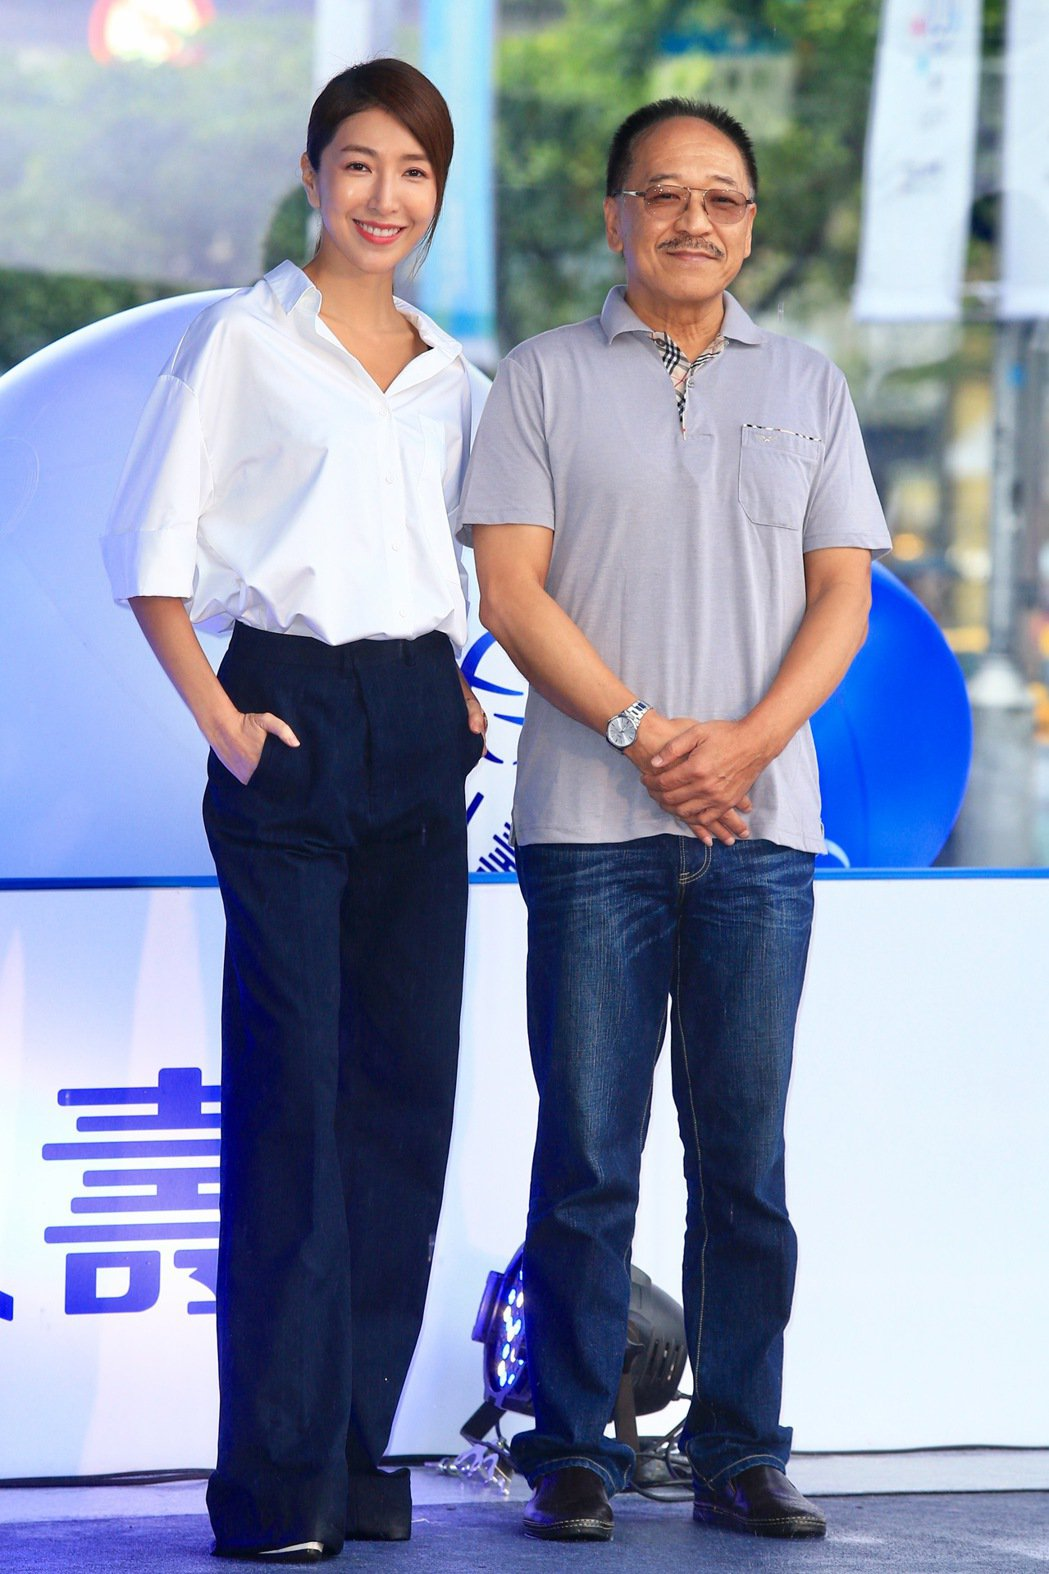 傅雷(右)與楊謹華(左)。記者林伯東/攝影